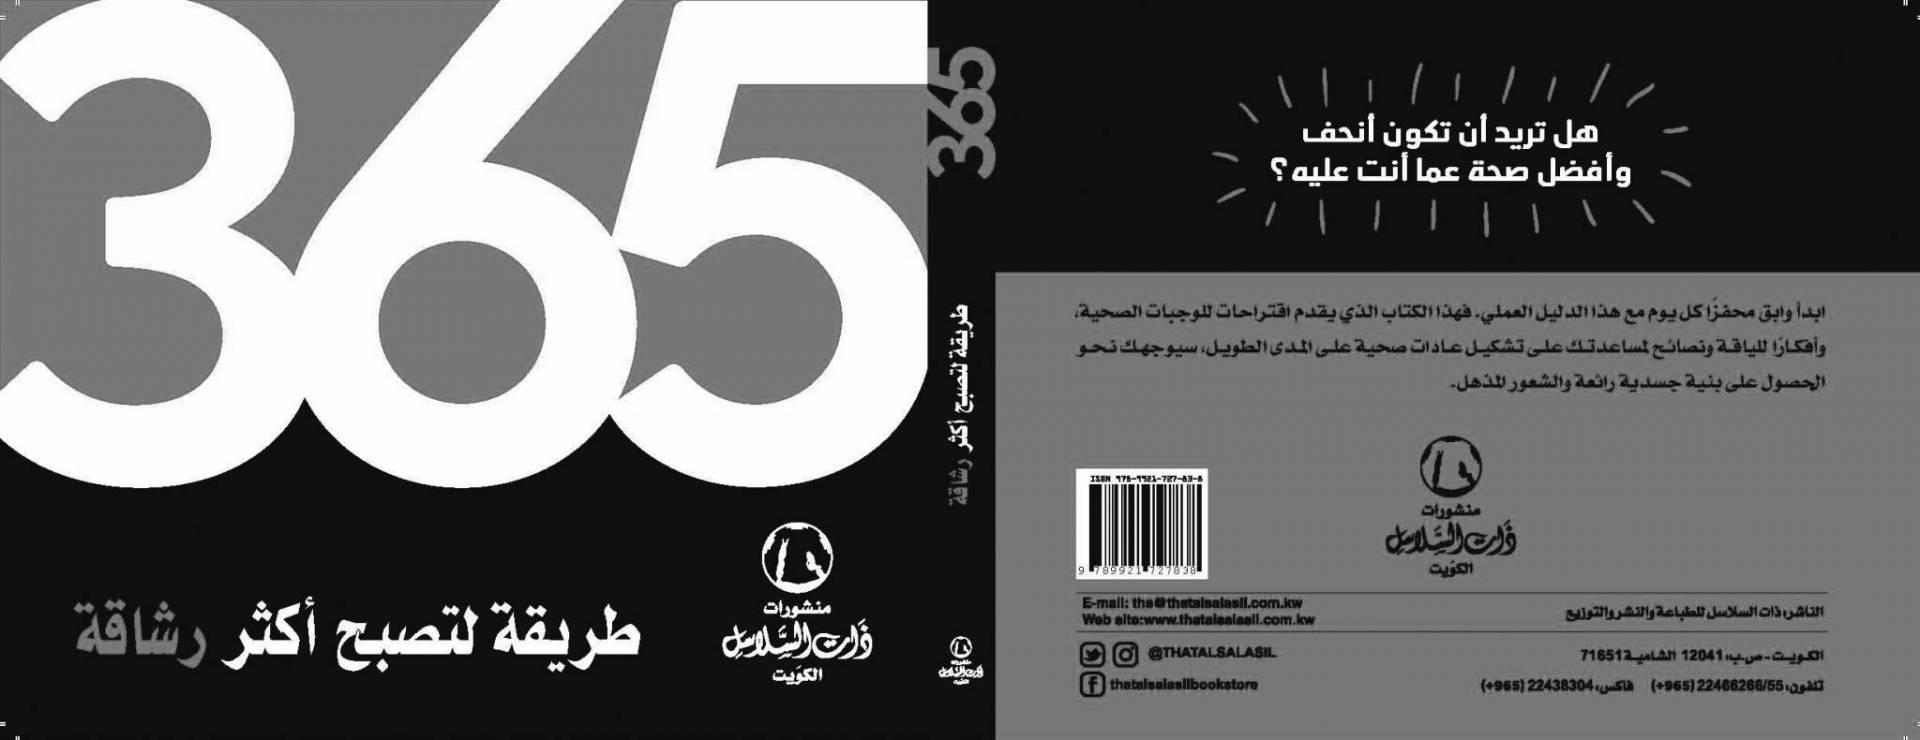 غلاف كتاب «365 طريقة لتصبح أكثر رشاقة»